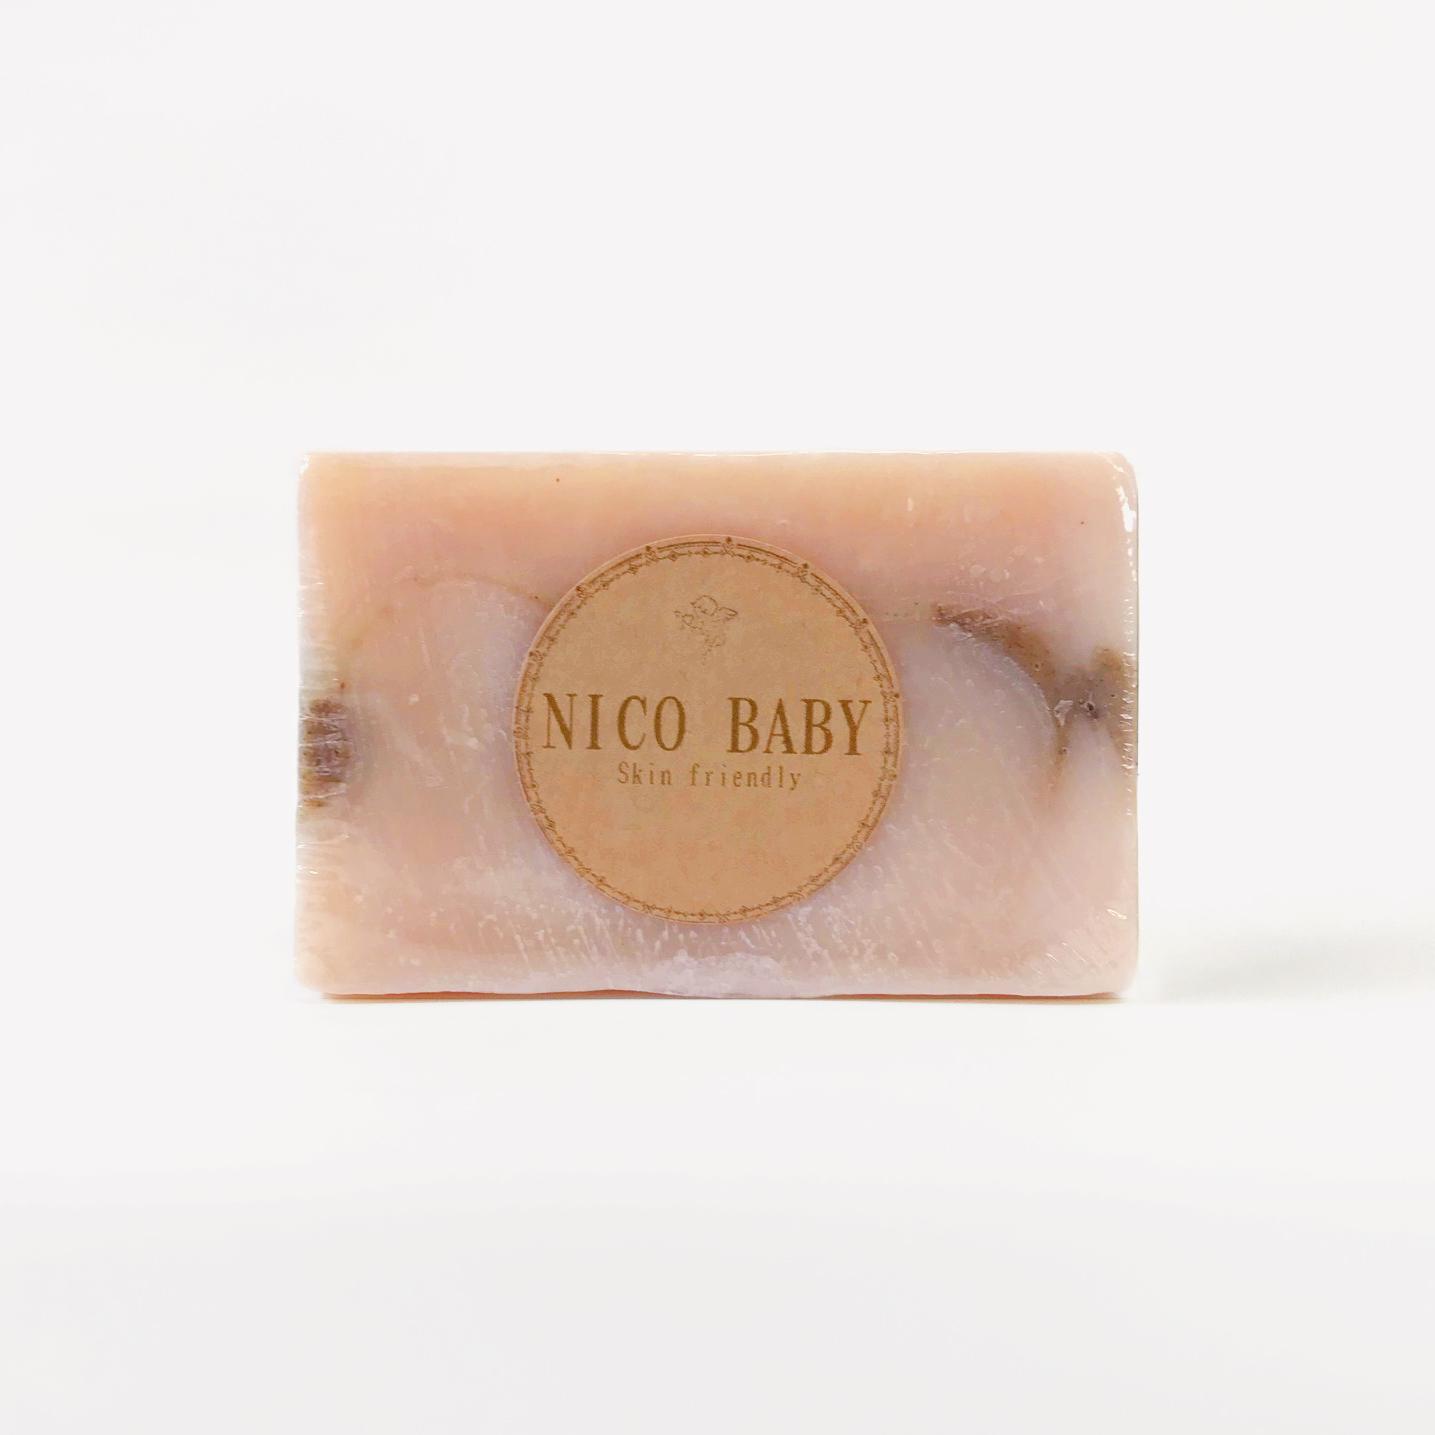 じゅうねん石鹸「NICO BABY」